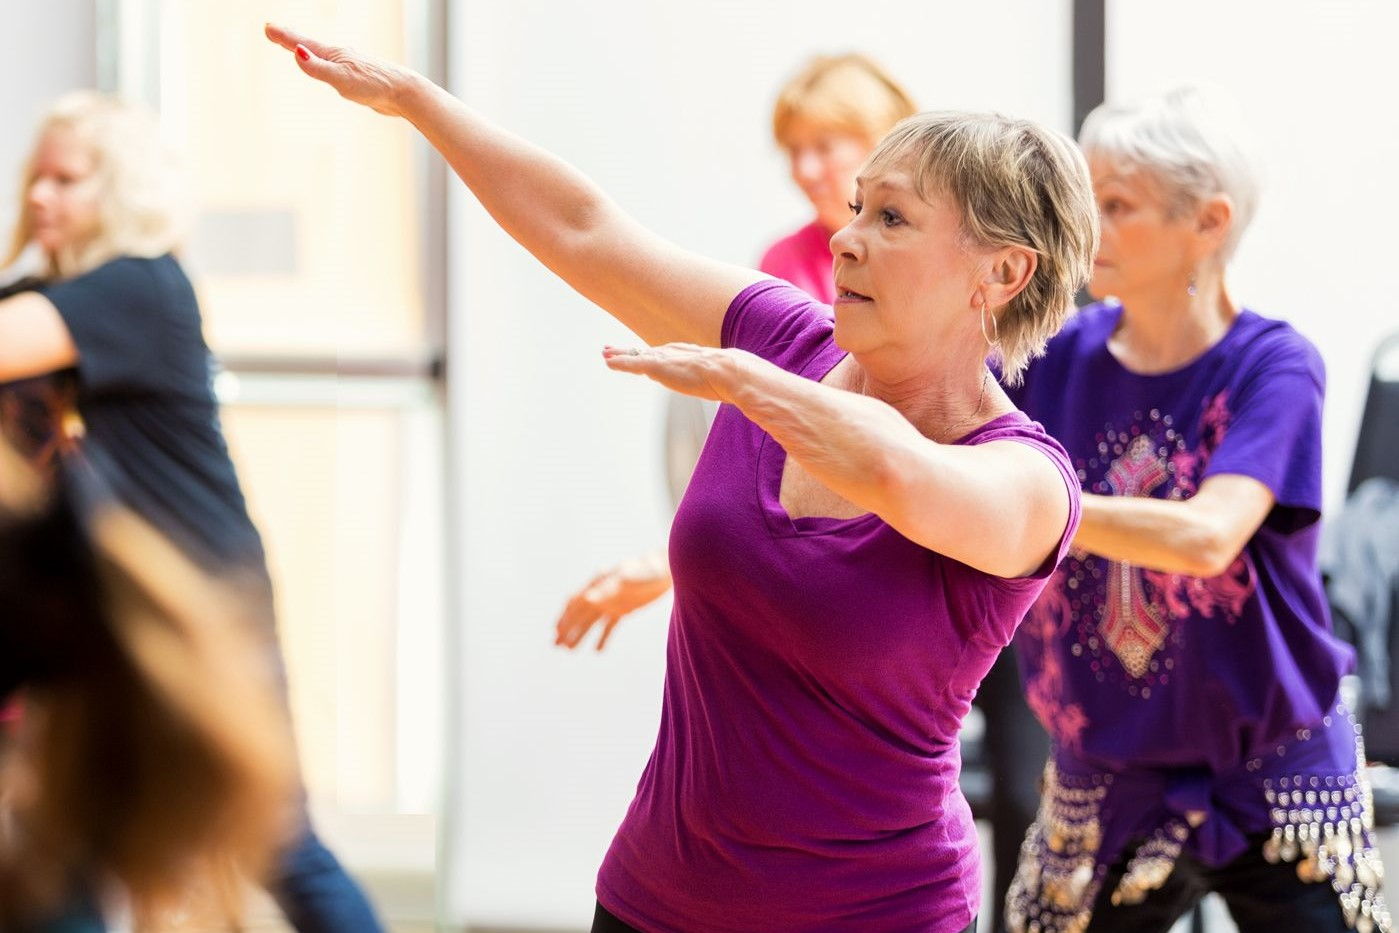 южной картинки пенсионеры танцуют фото помощью готовых